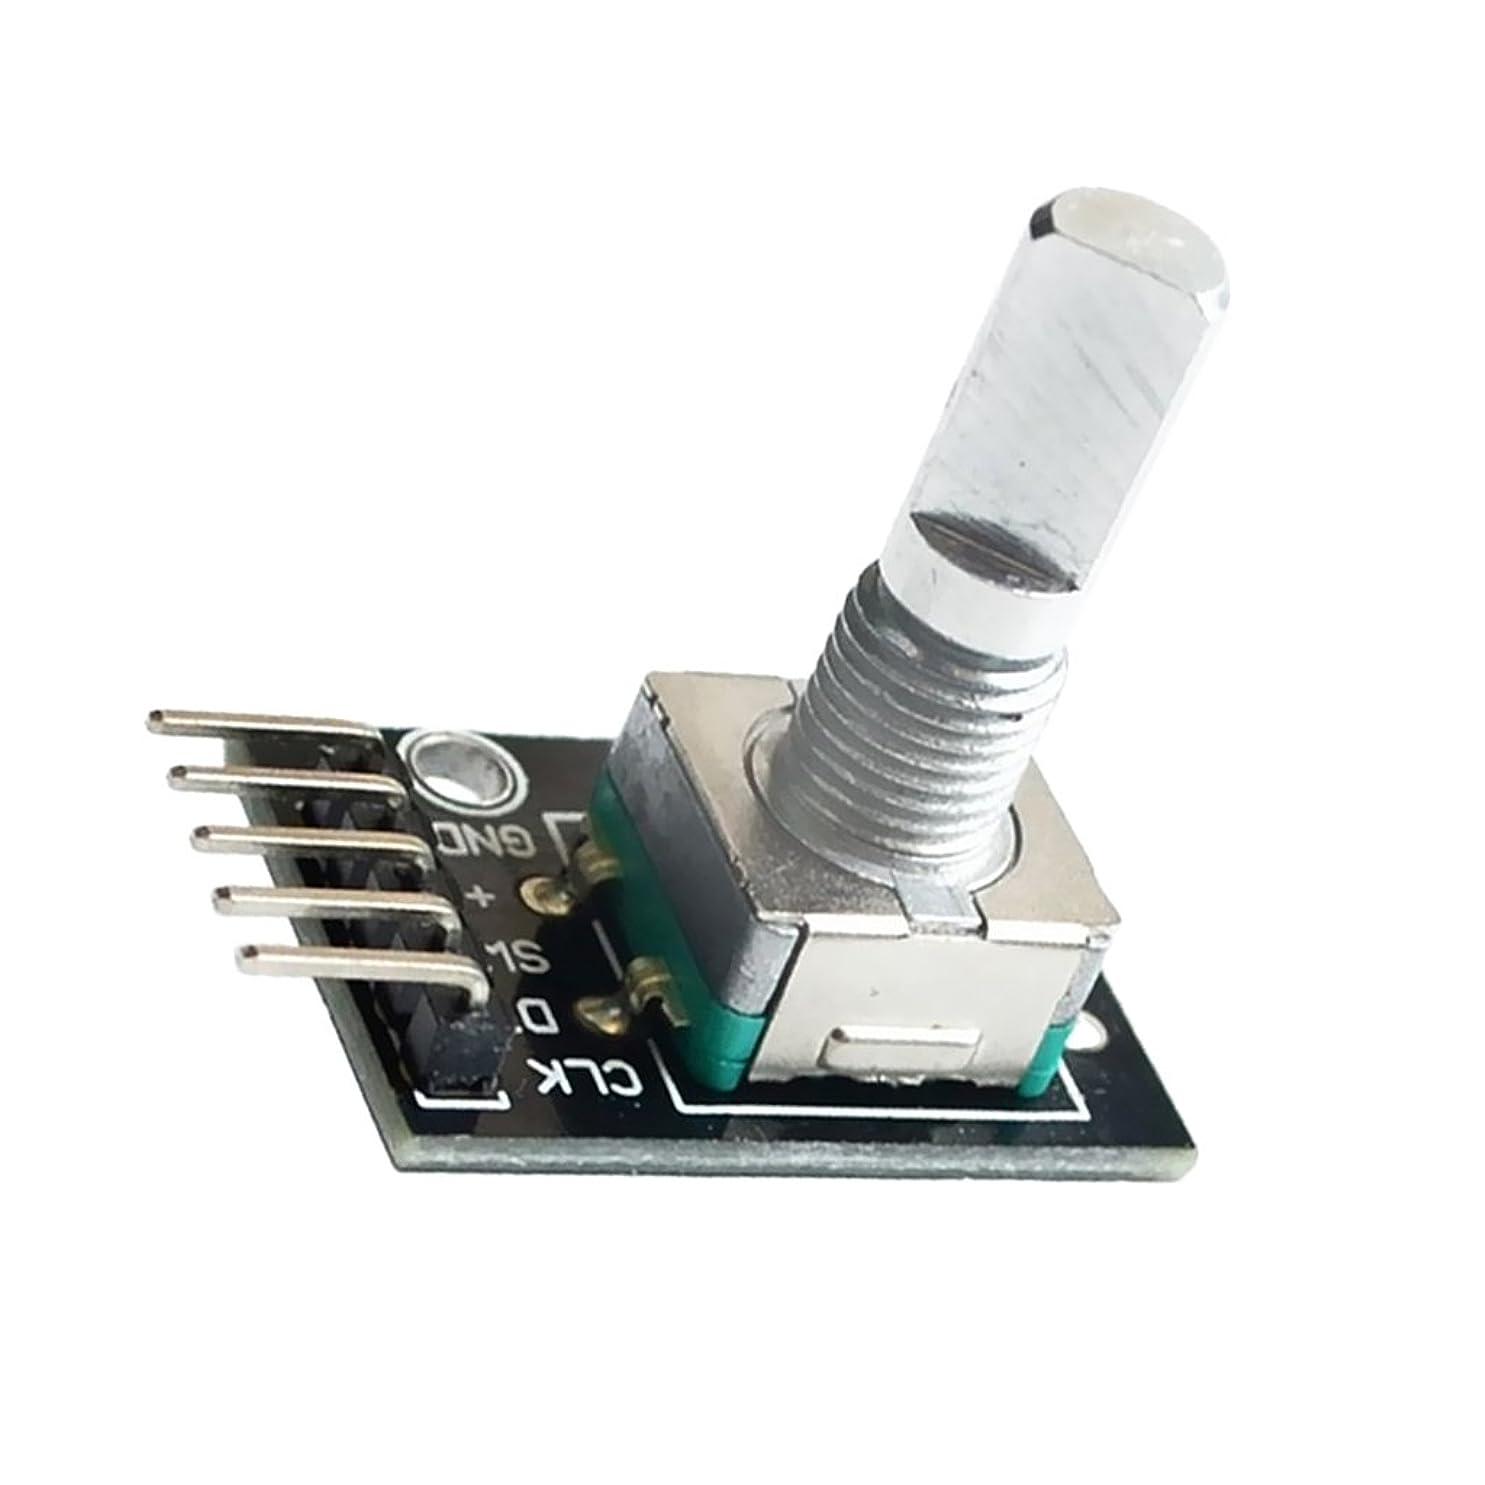 仕事ハイジャック日の出モジュール 回転式 エンコーダ ロータリーコード Arduino用